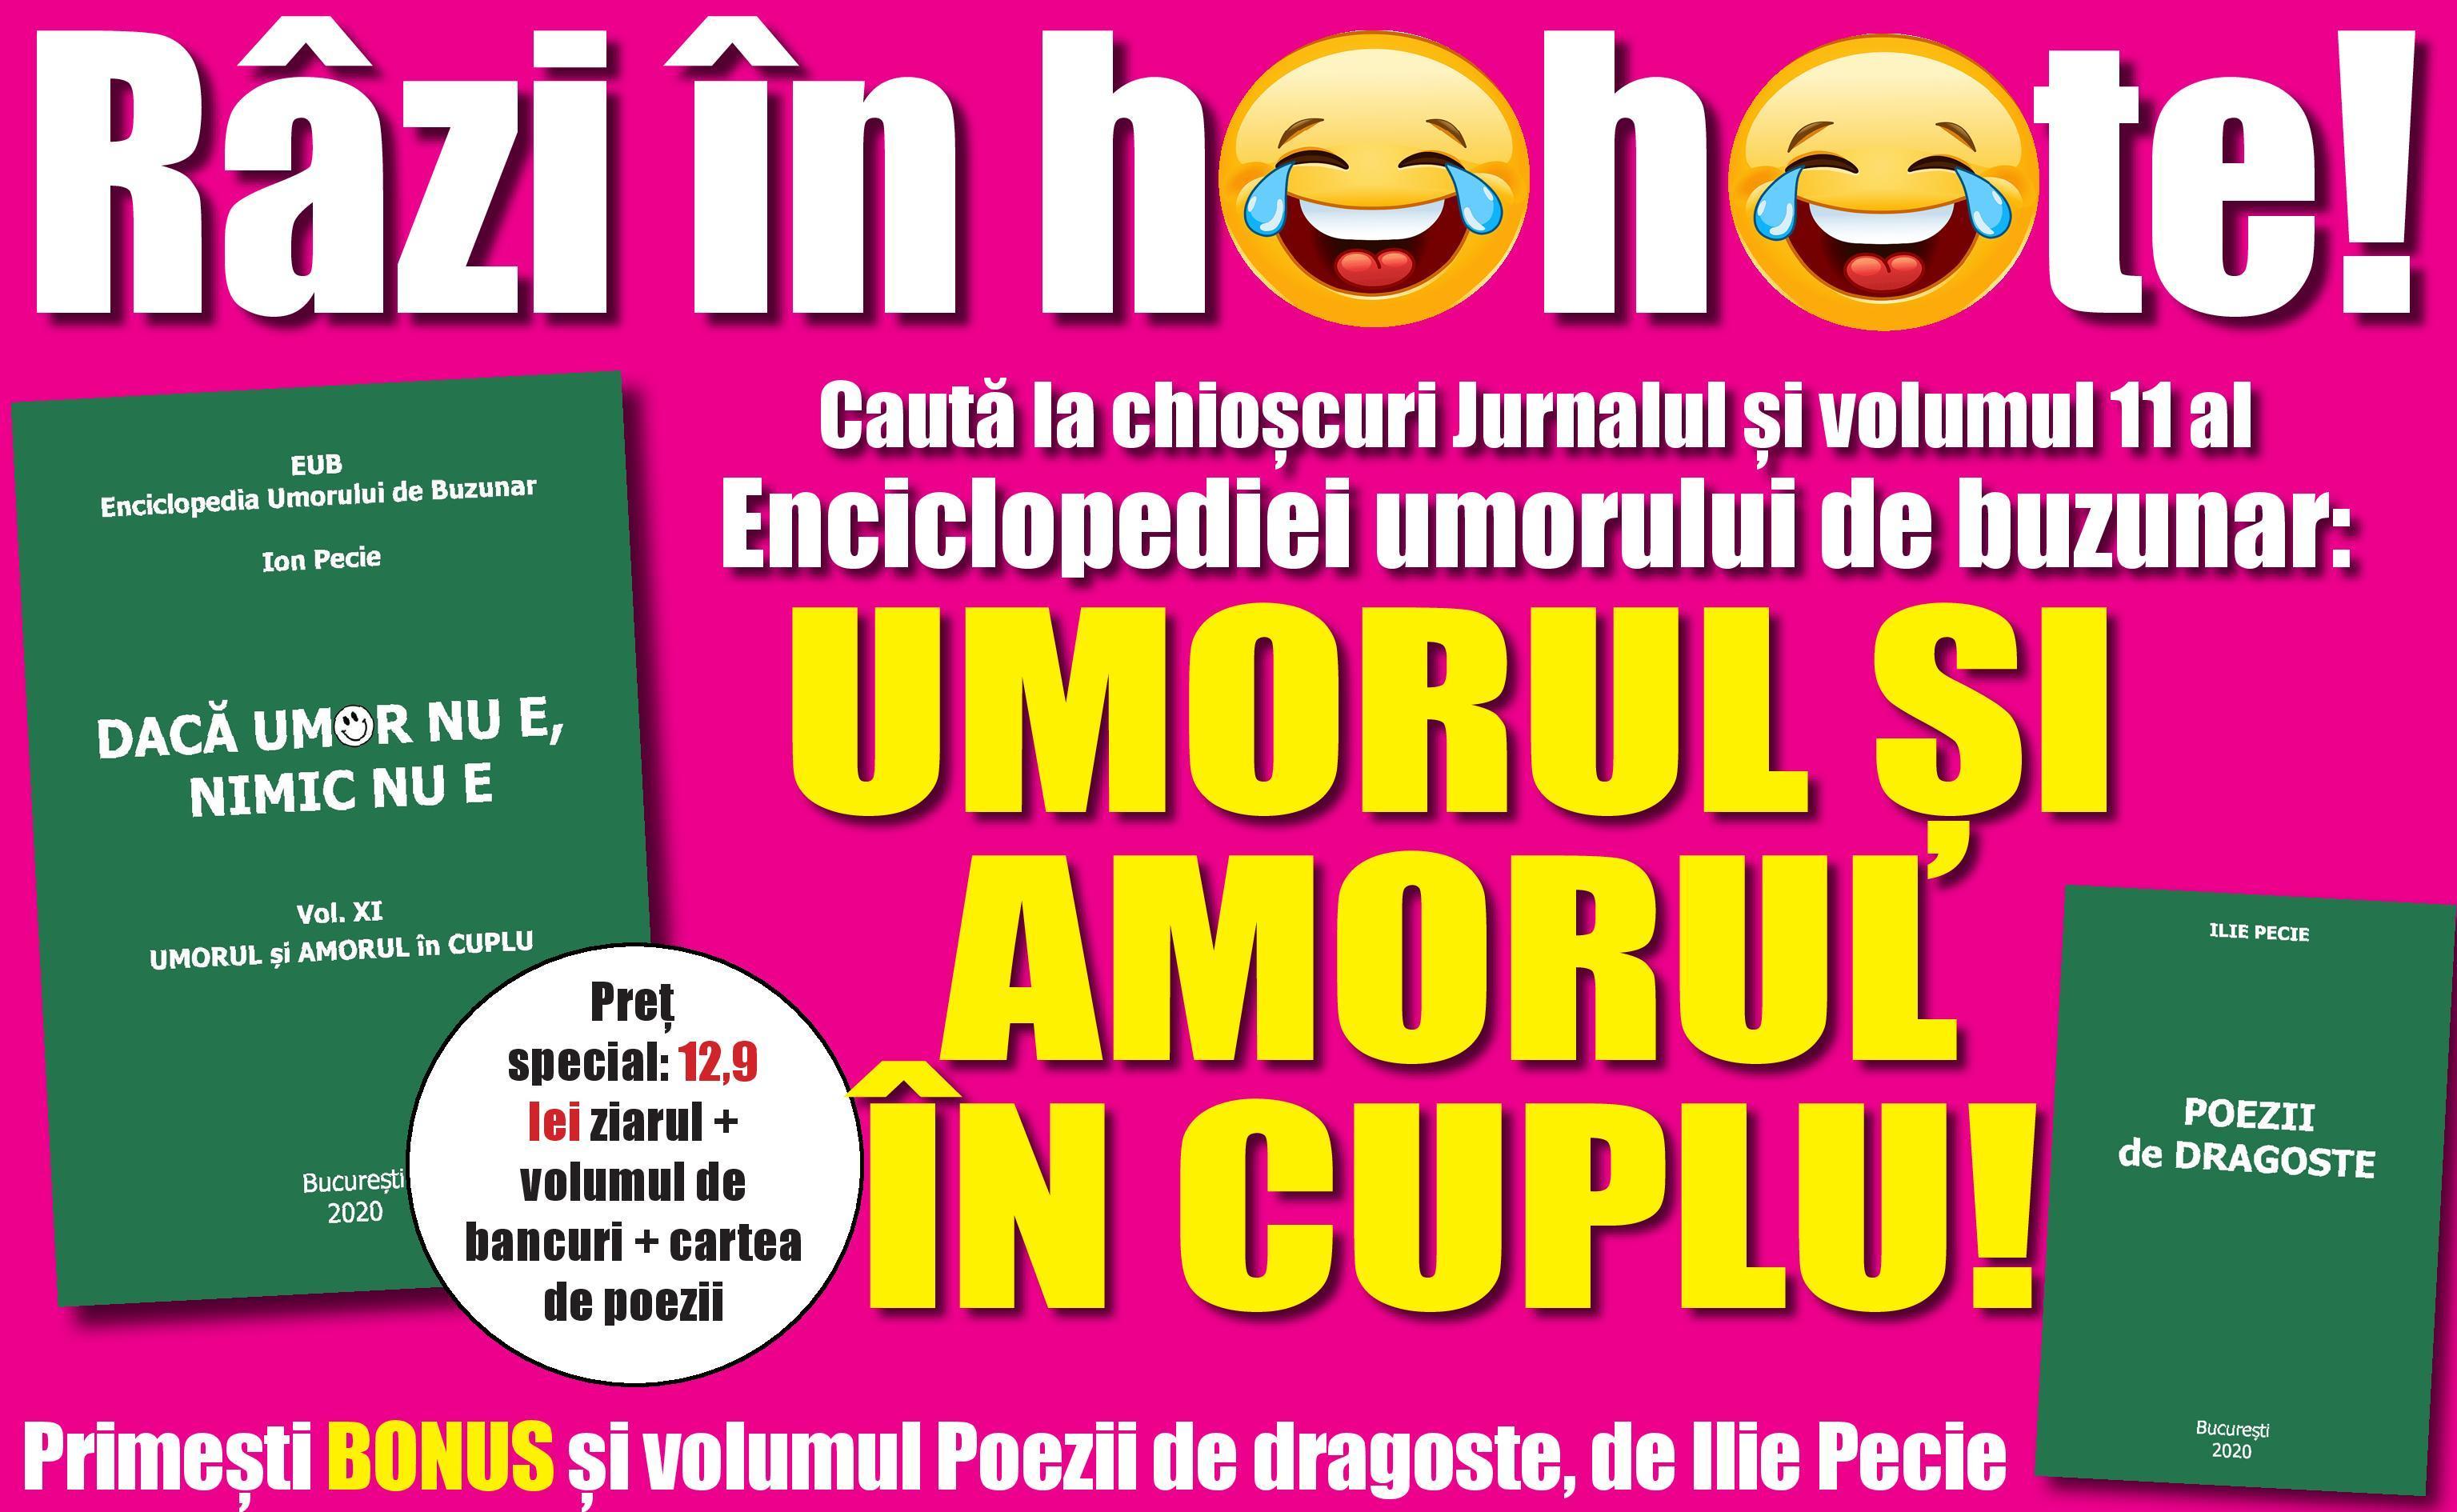 Râzi în hohote! Jurnalul îți oferă azi volumul 11 al Enciclopediei umorului de buzunar: UMORUL ȘI AMORUL ÎN CUPLU